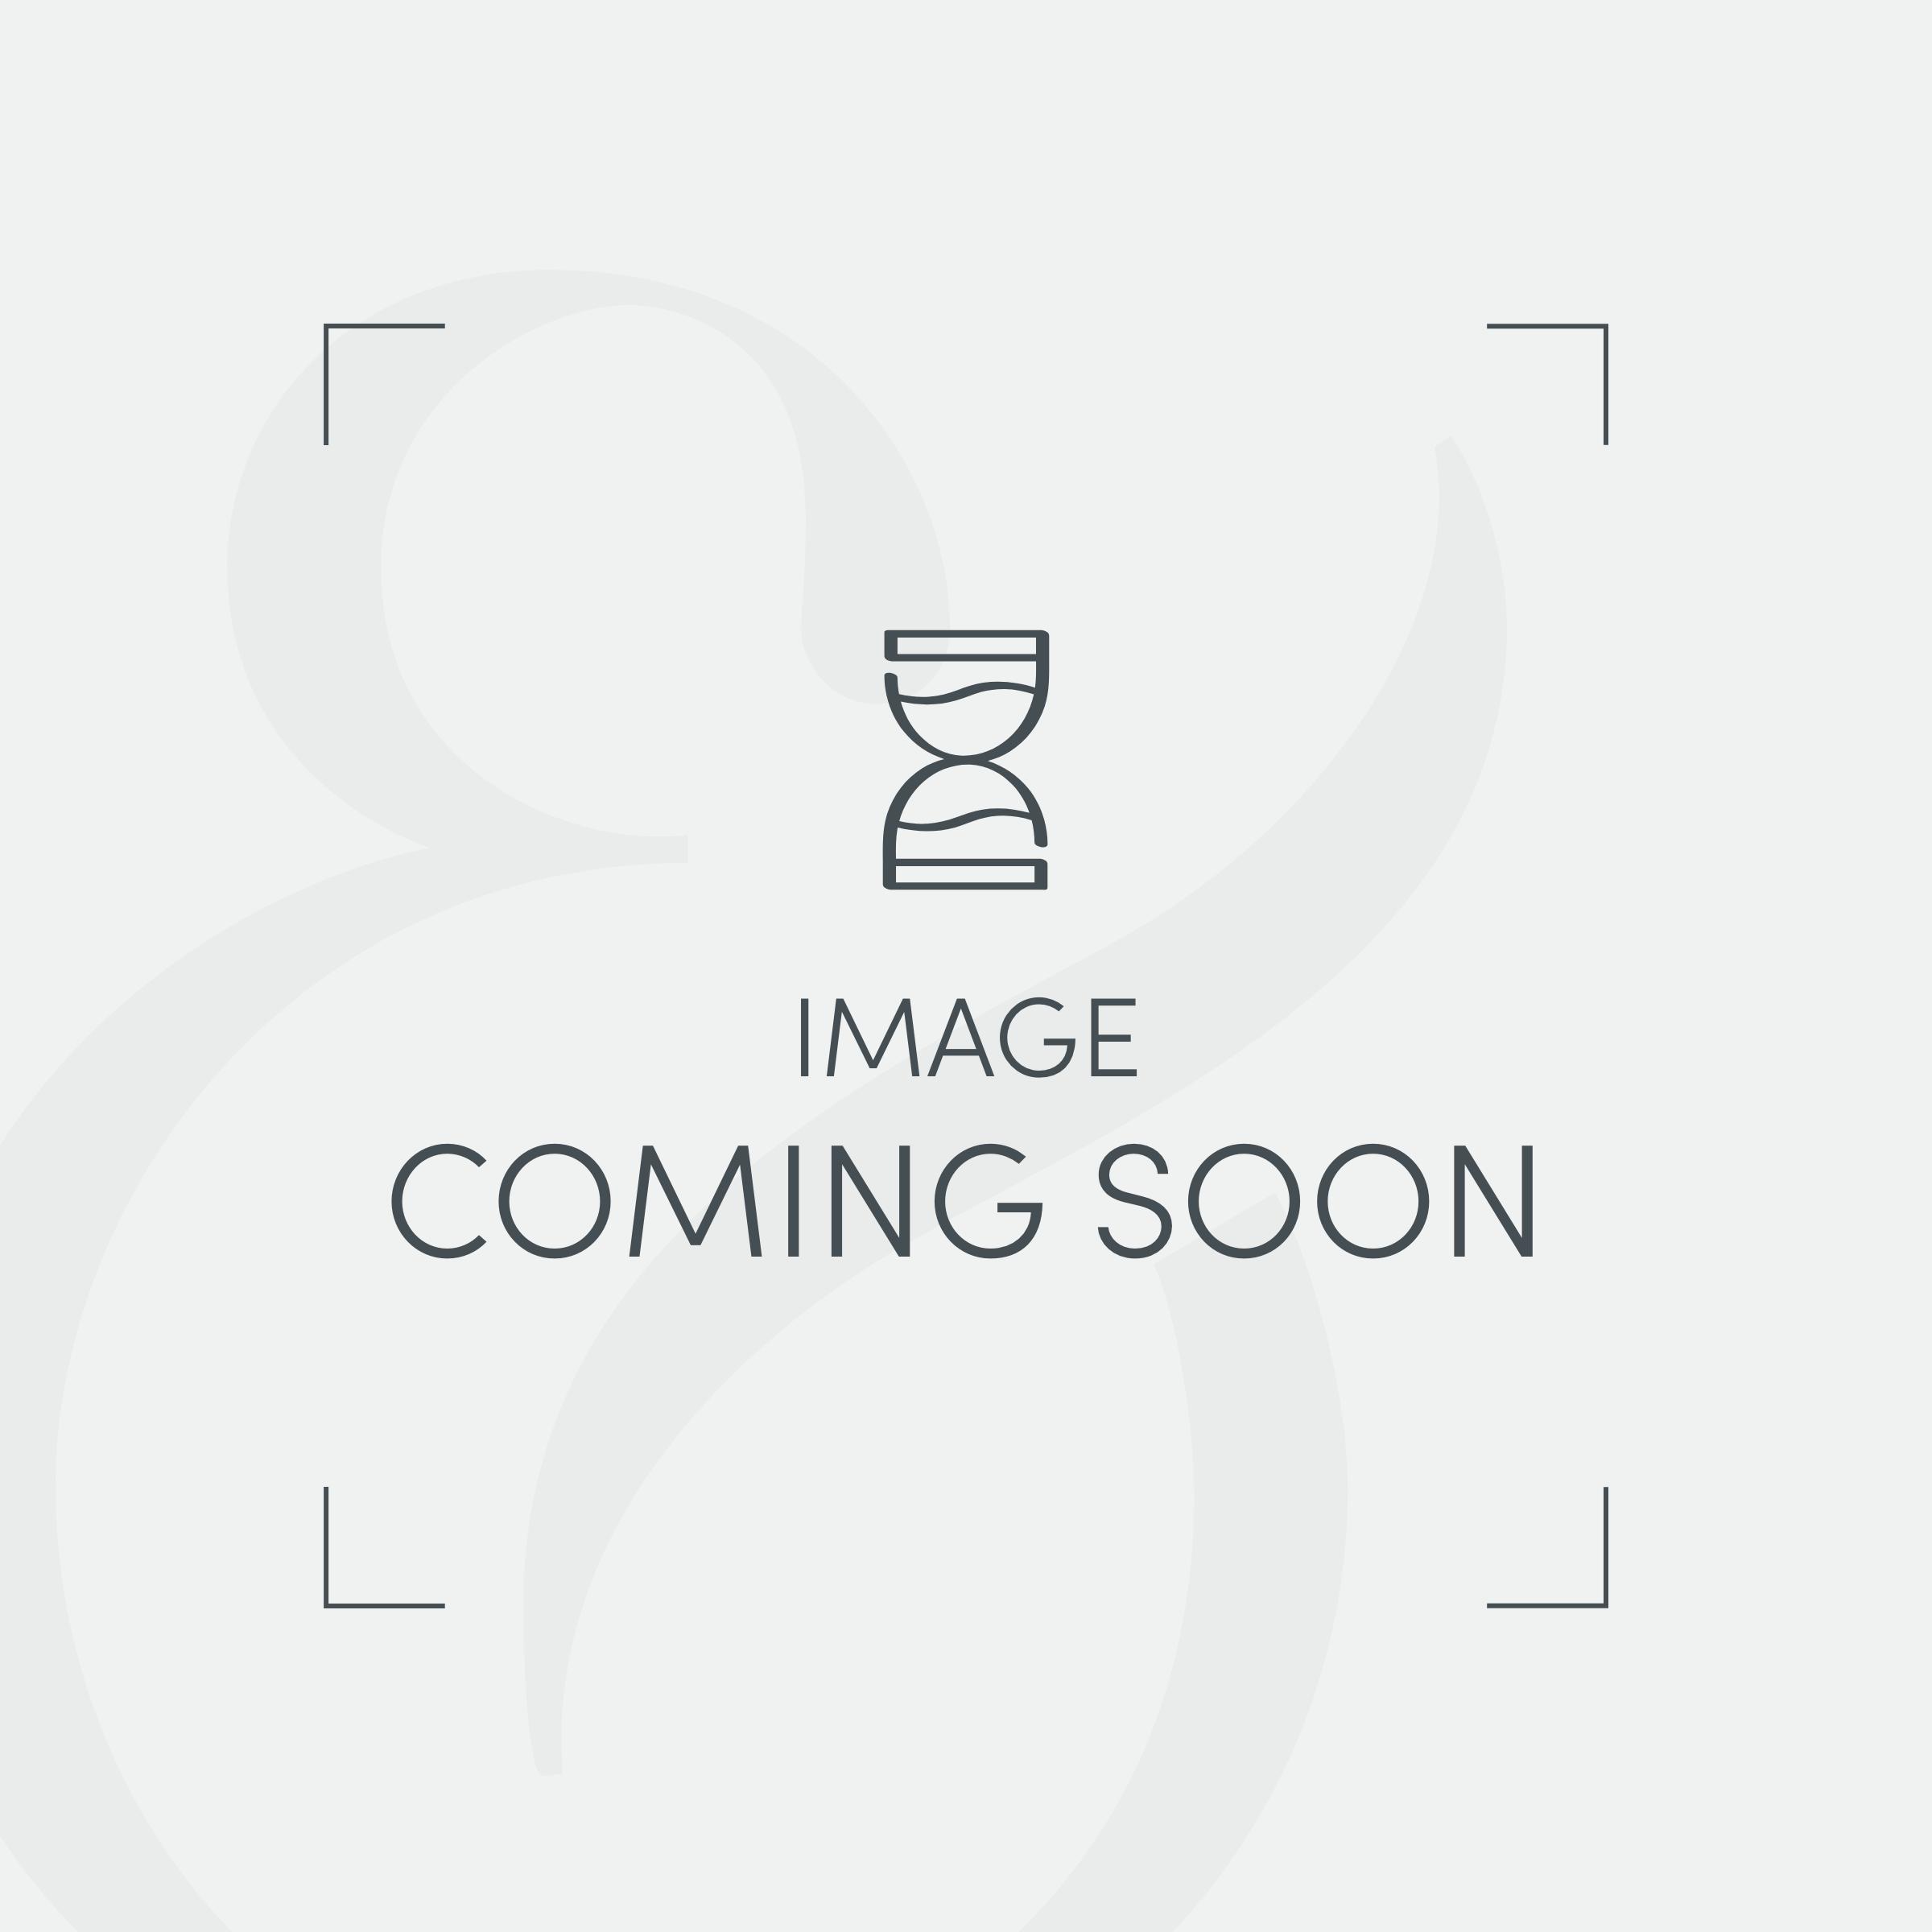 200TC Organic Cotton - King Duvet Cover - White